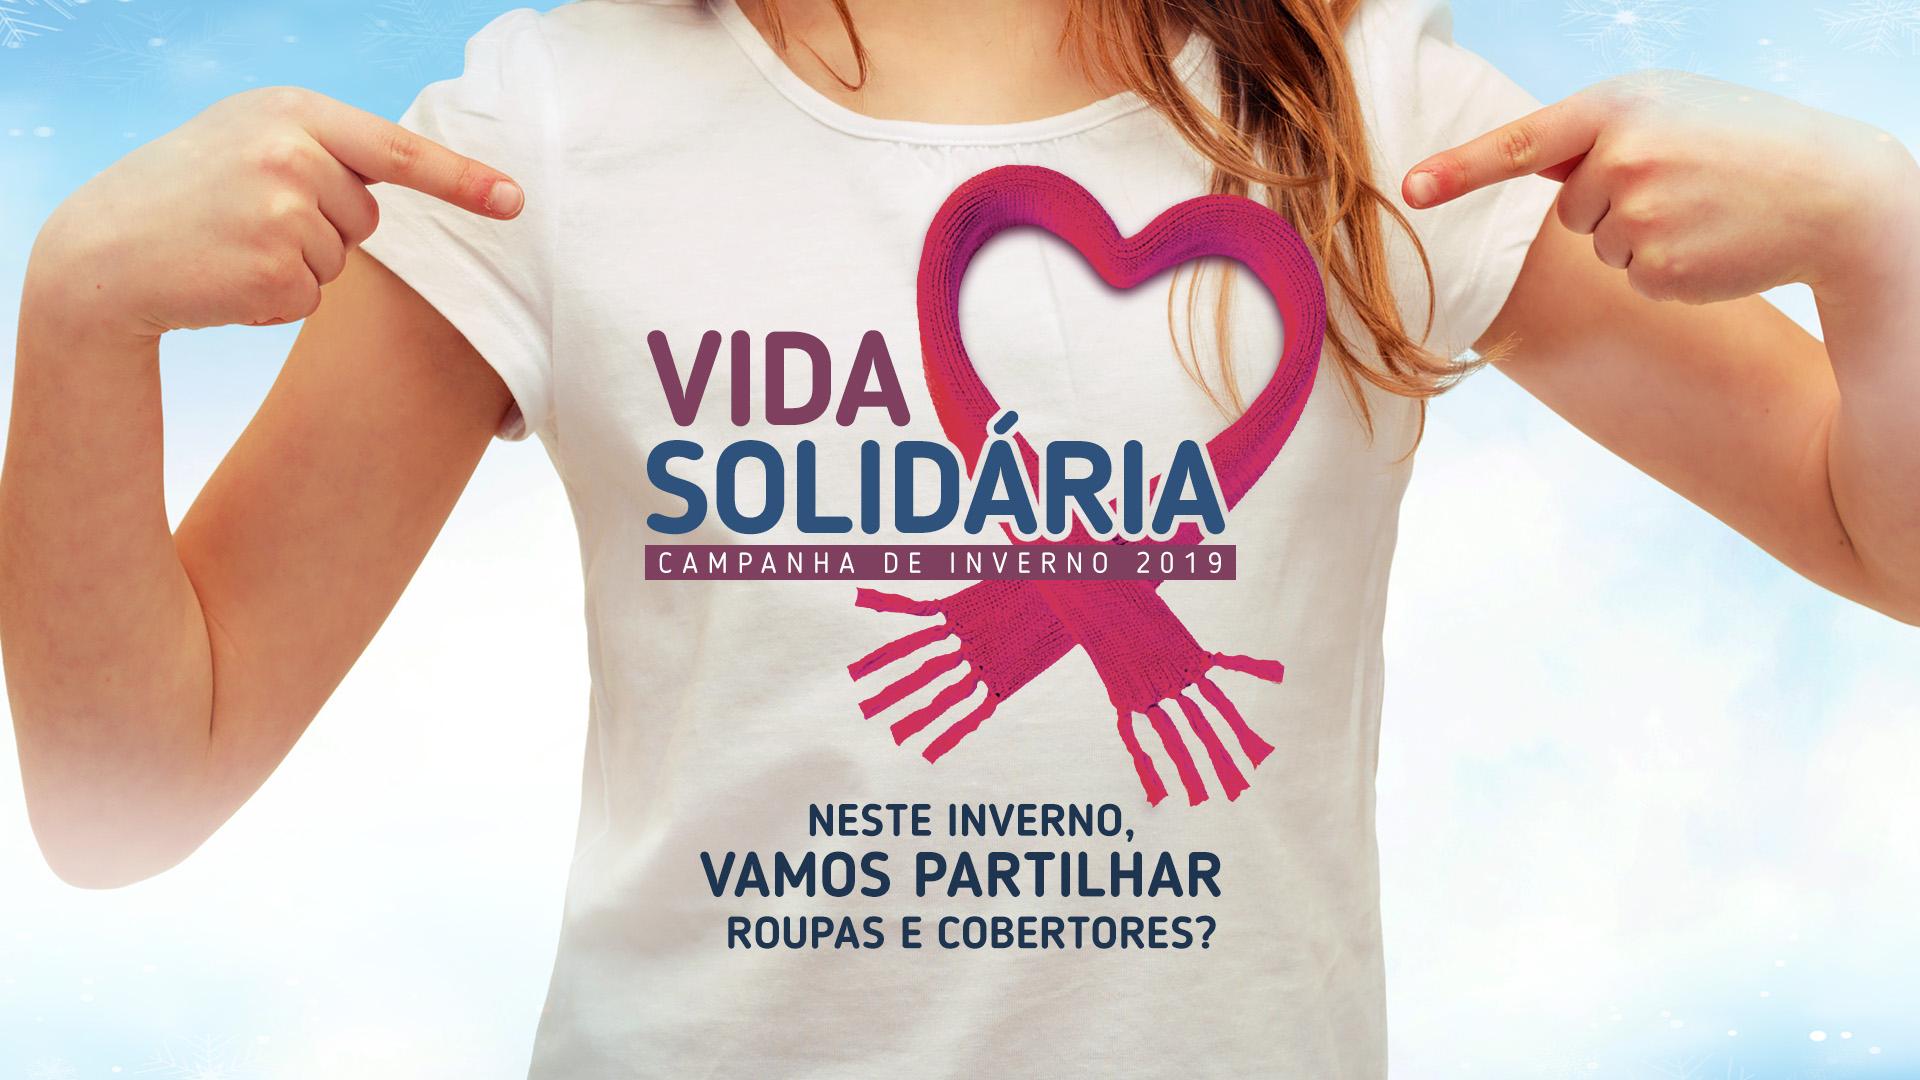 [Projeto Vida Solidária - Campanha de Inverno 2019]